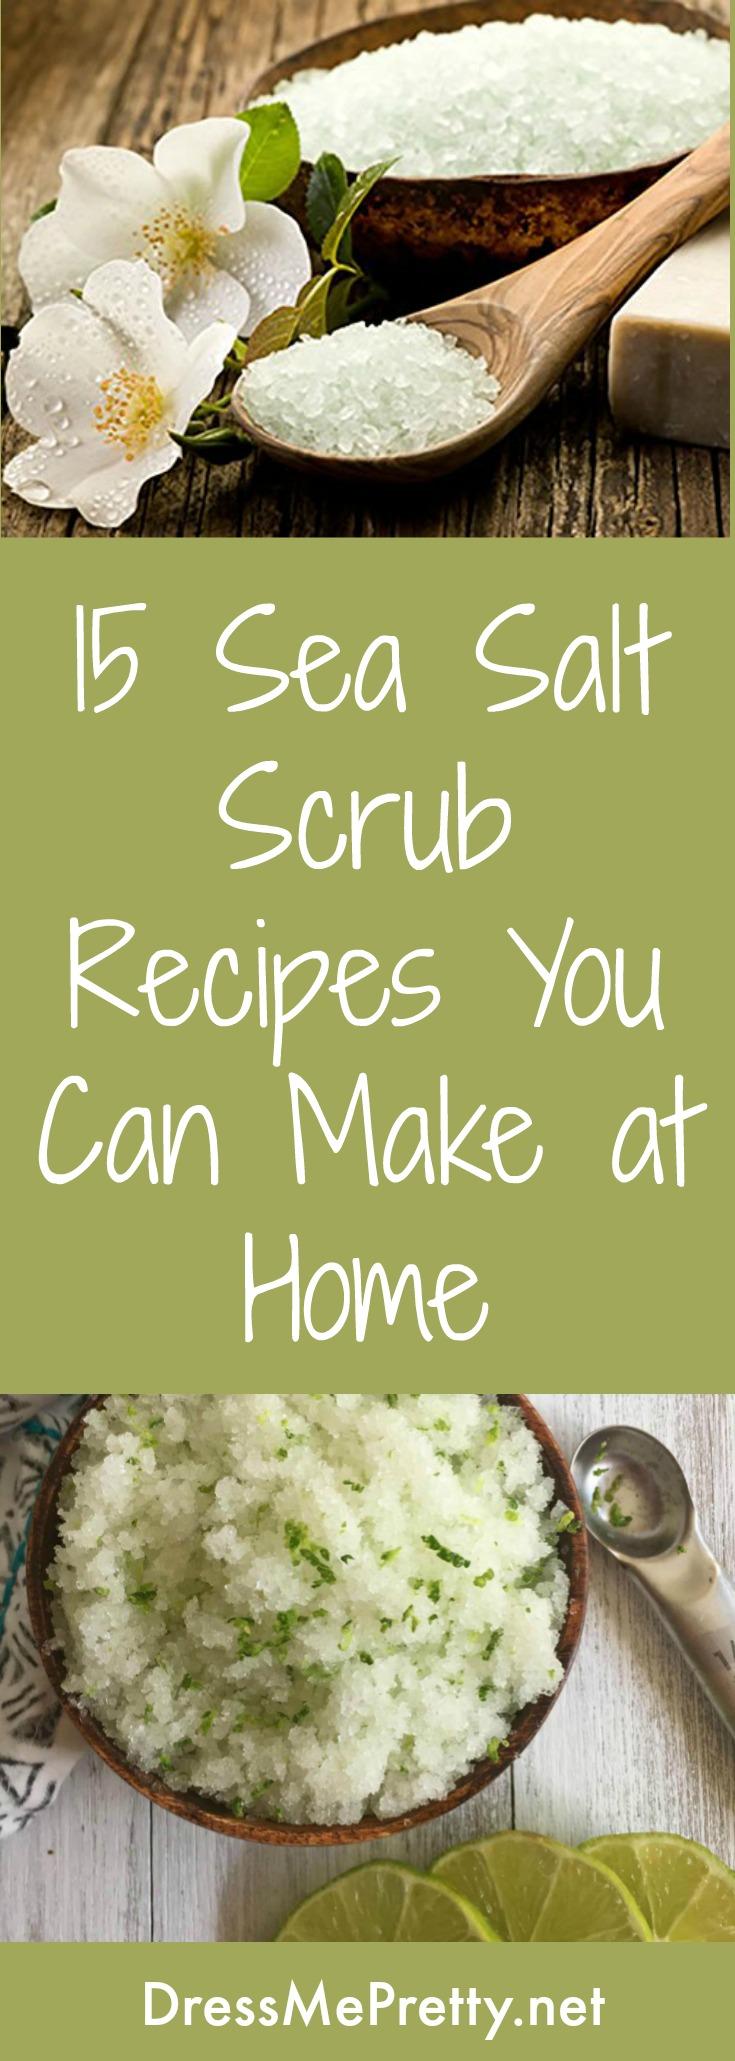 How to Make Sea Salt Scrubs